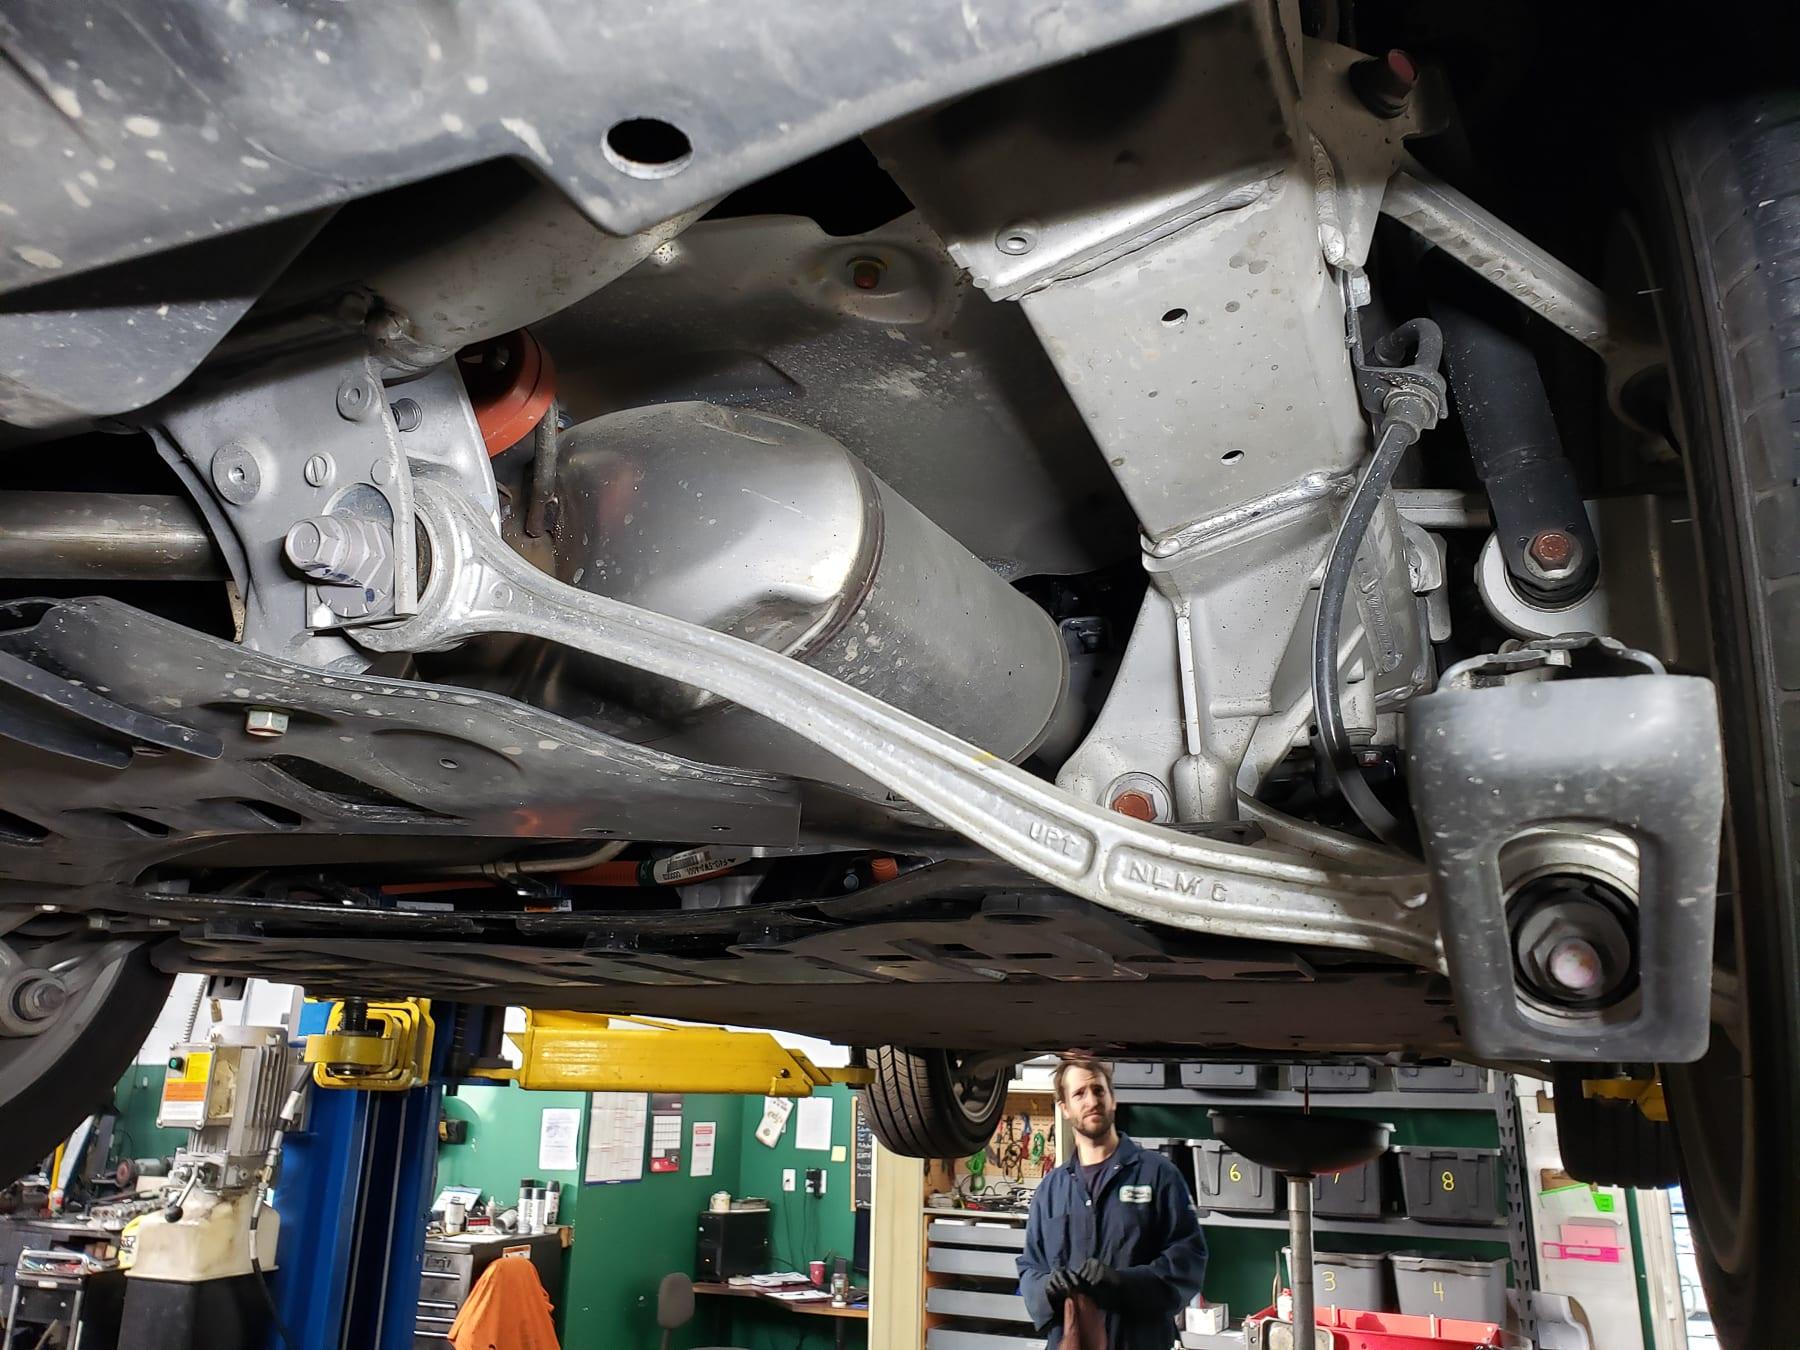 2018 Honda Clarity Maintenance Service